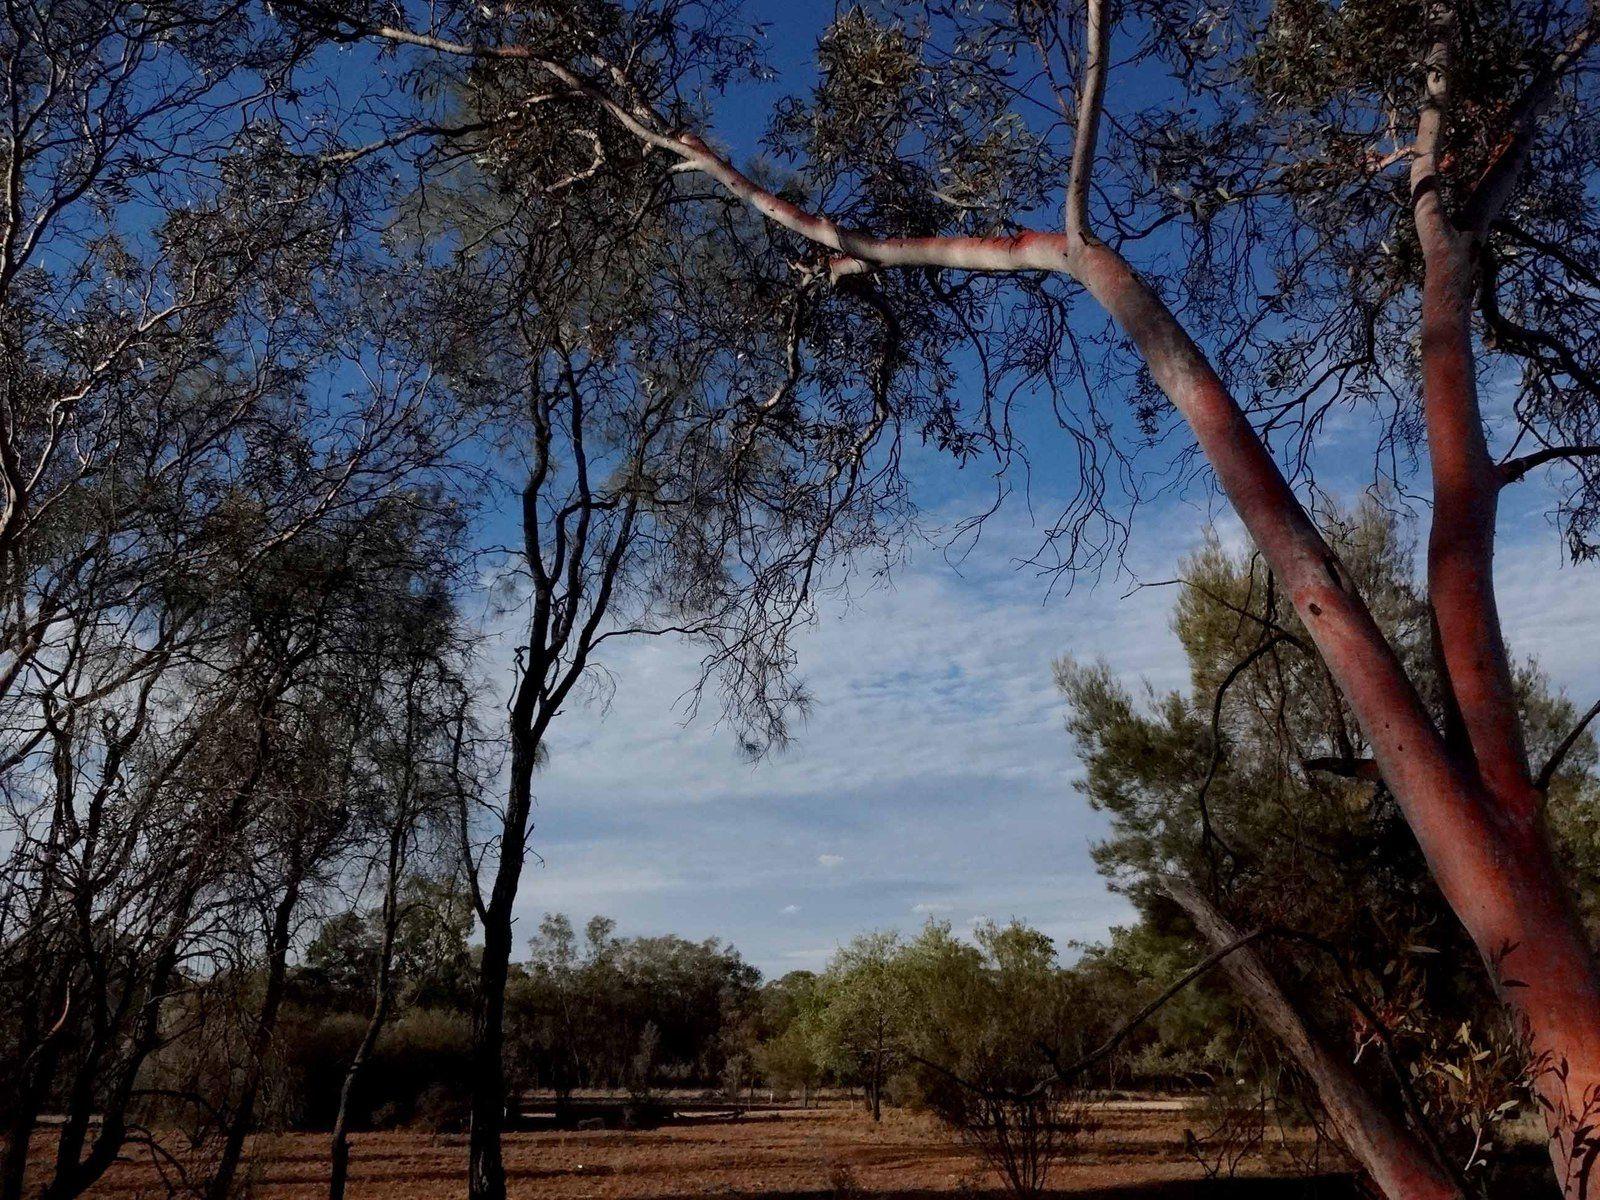 5 jours dans le bush - partie 2